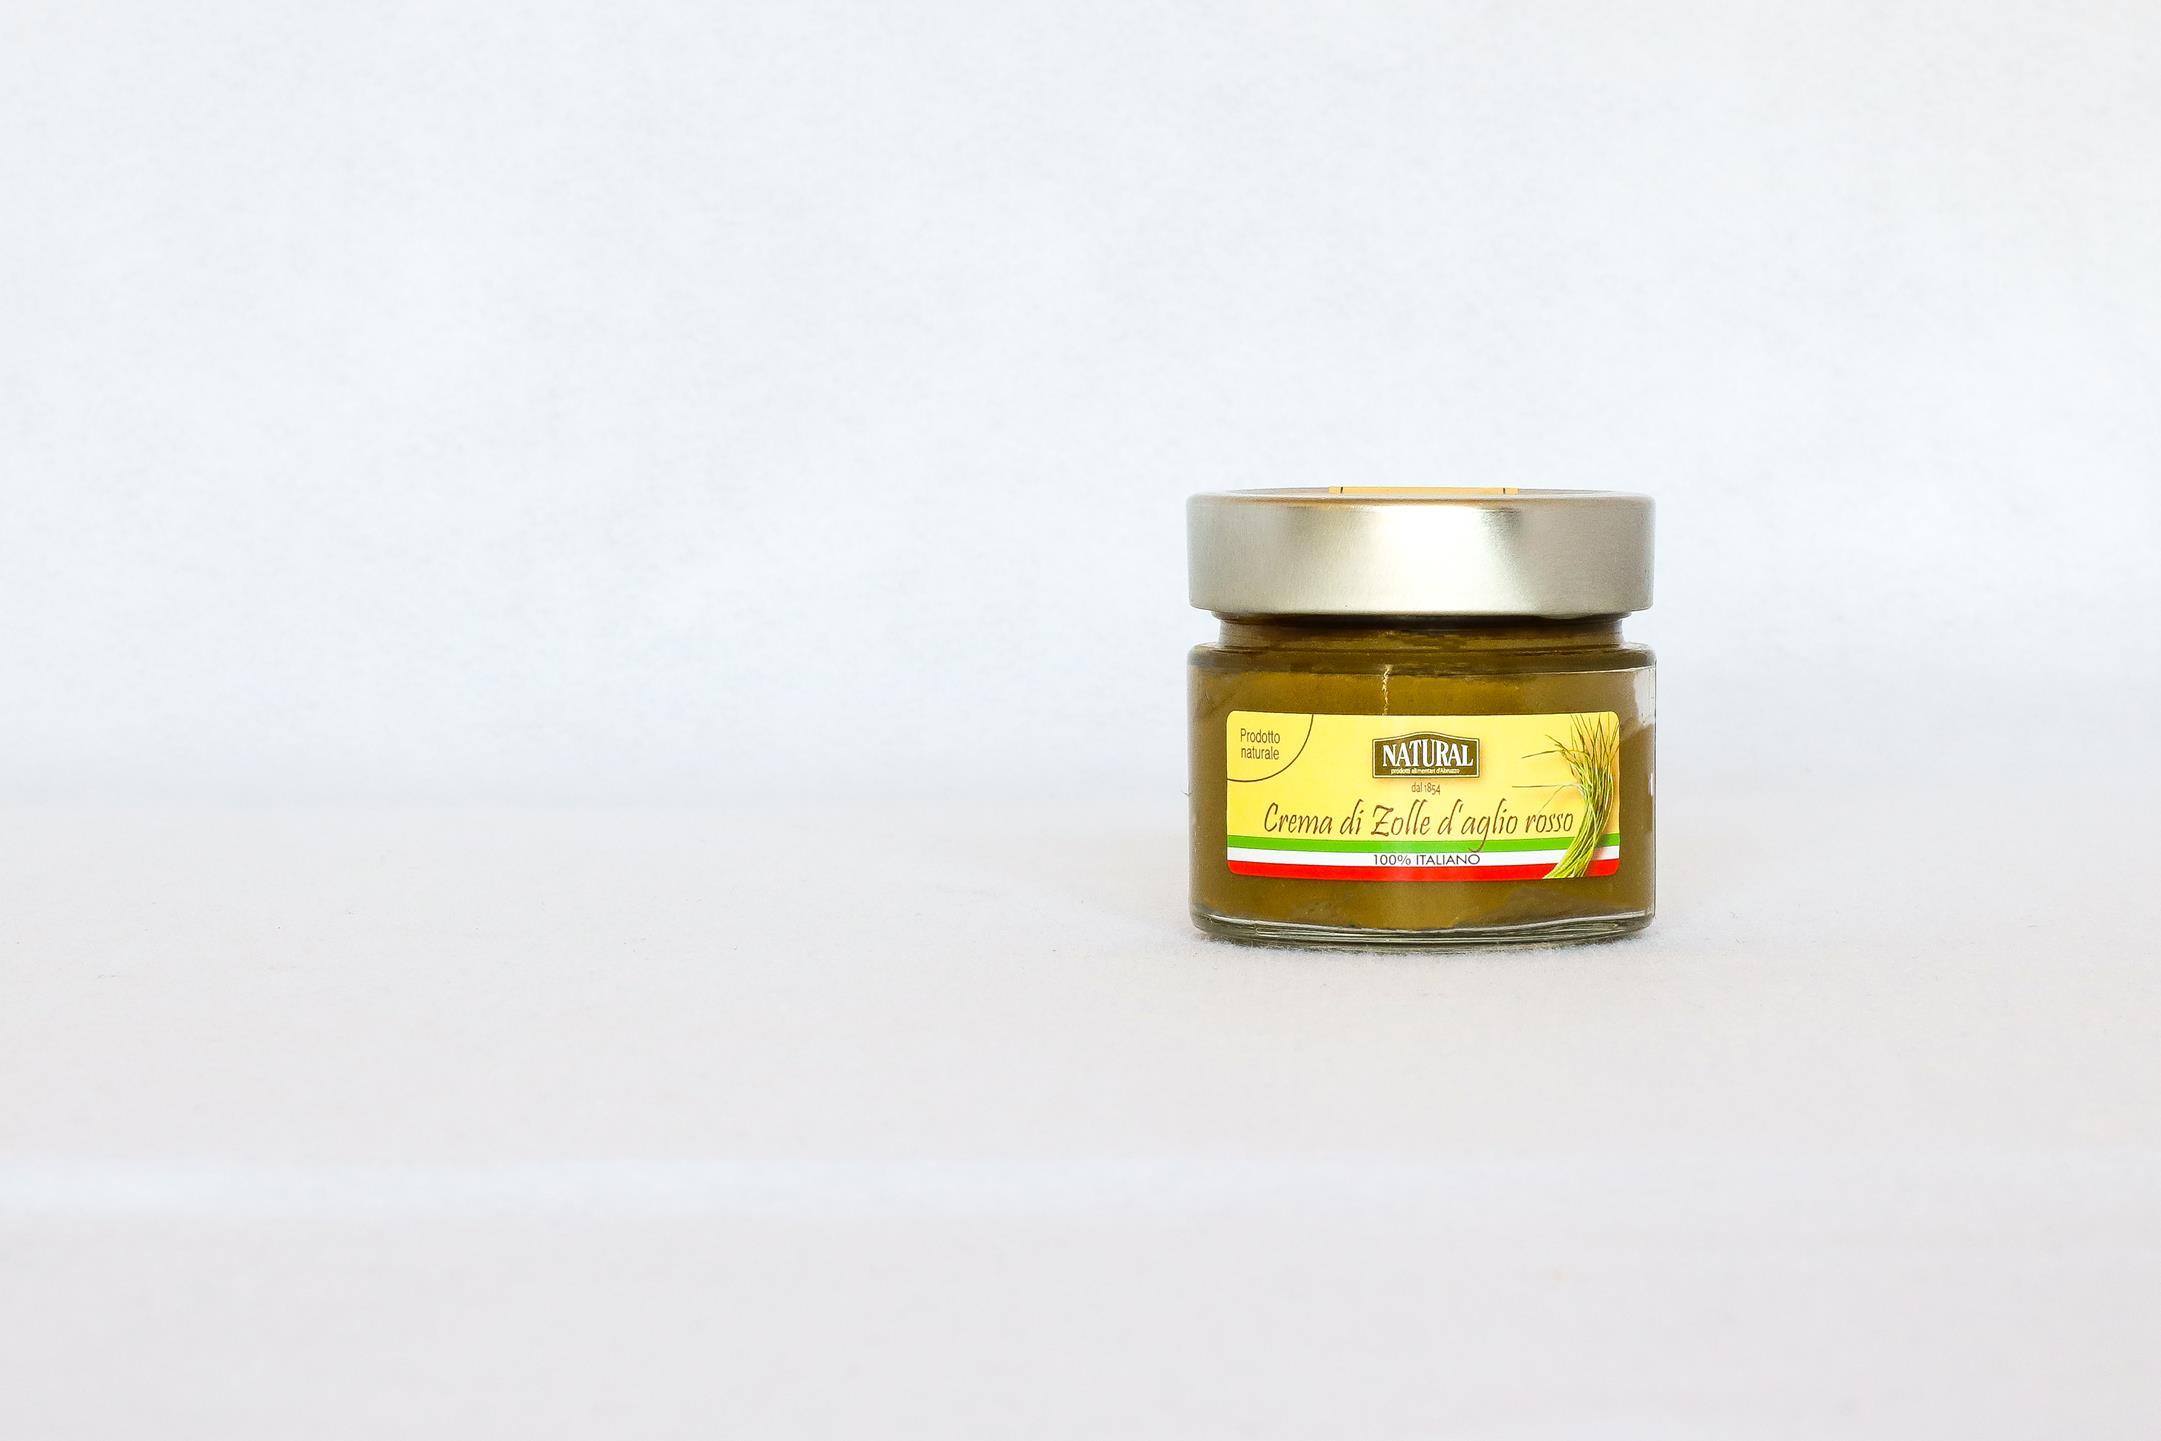 Natural Crema di zolle d'aglio rosso di Sulmona